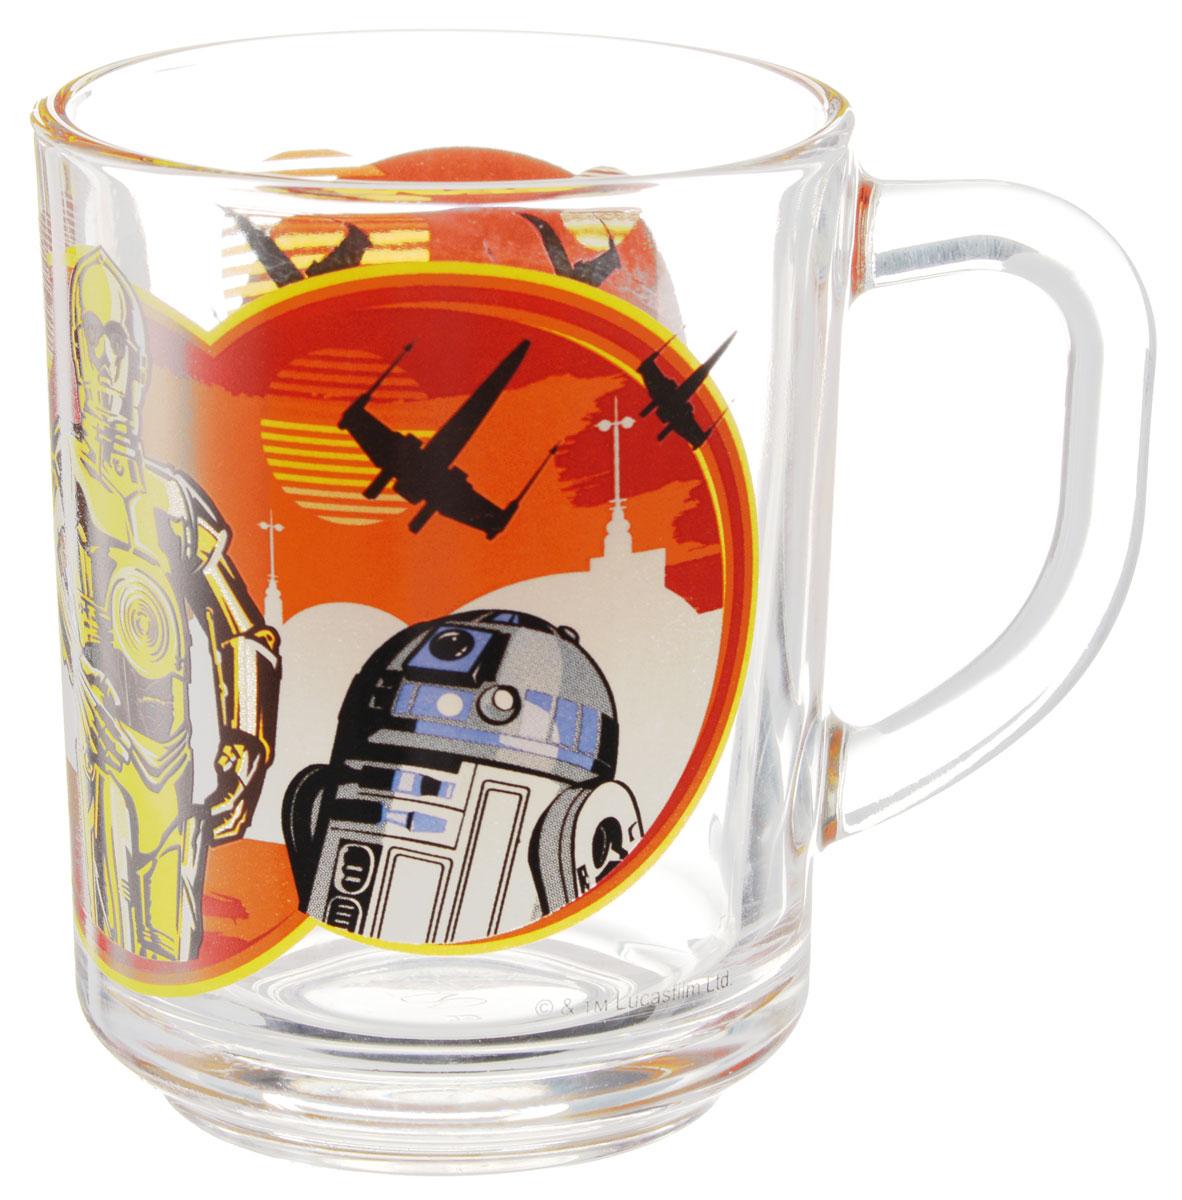 Star Wars Кружка детская Роботы 250 млSWG0101Детская кружка Star Wars Роботы с любимыми героями станет отличным подарком для вашего ребенка. Она выполнена из стекла и оформлена изображением героев киновселенной Звездные войны. Кружка дополнена удобной ручкой. Такой подарок станет не только приятным, но и практичным сувениром: кружка будет незаменимым атрибутом чаепития, а оригинальное оформление кружки добавит ярких эмоций и хорошего настроения.Можно использовать в посудомоечной машине.